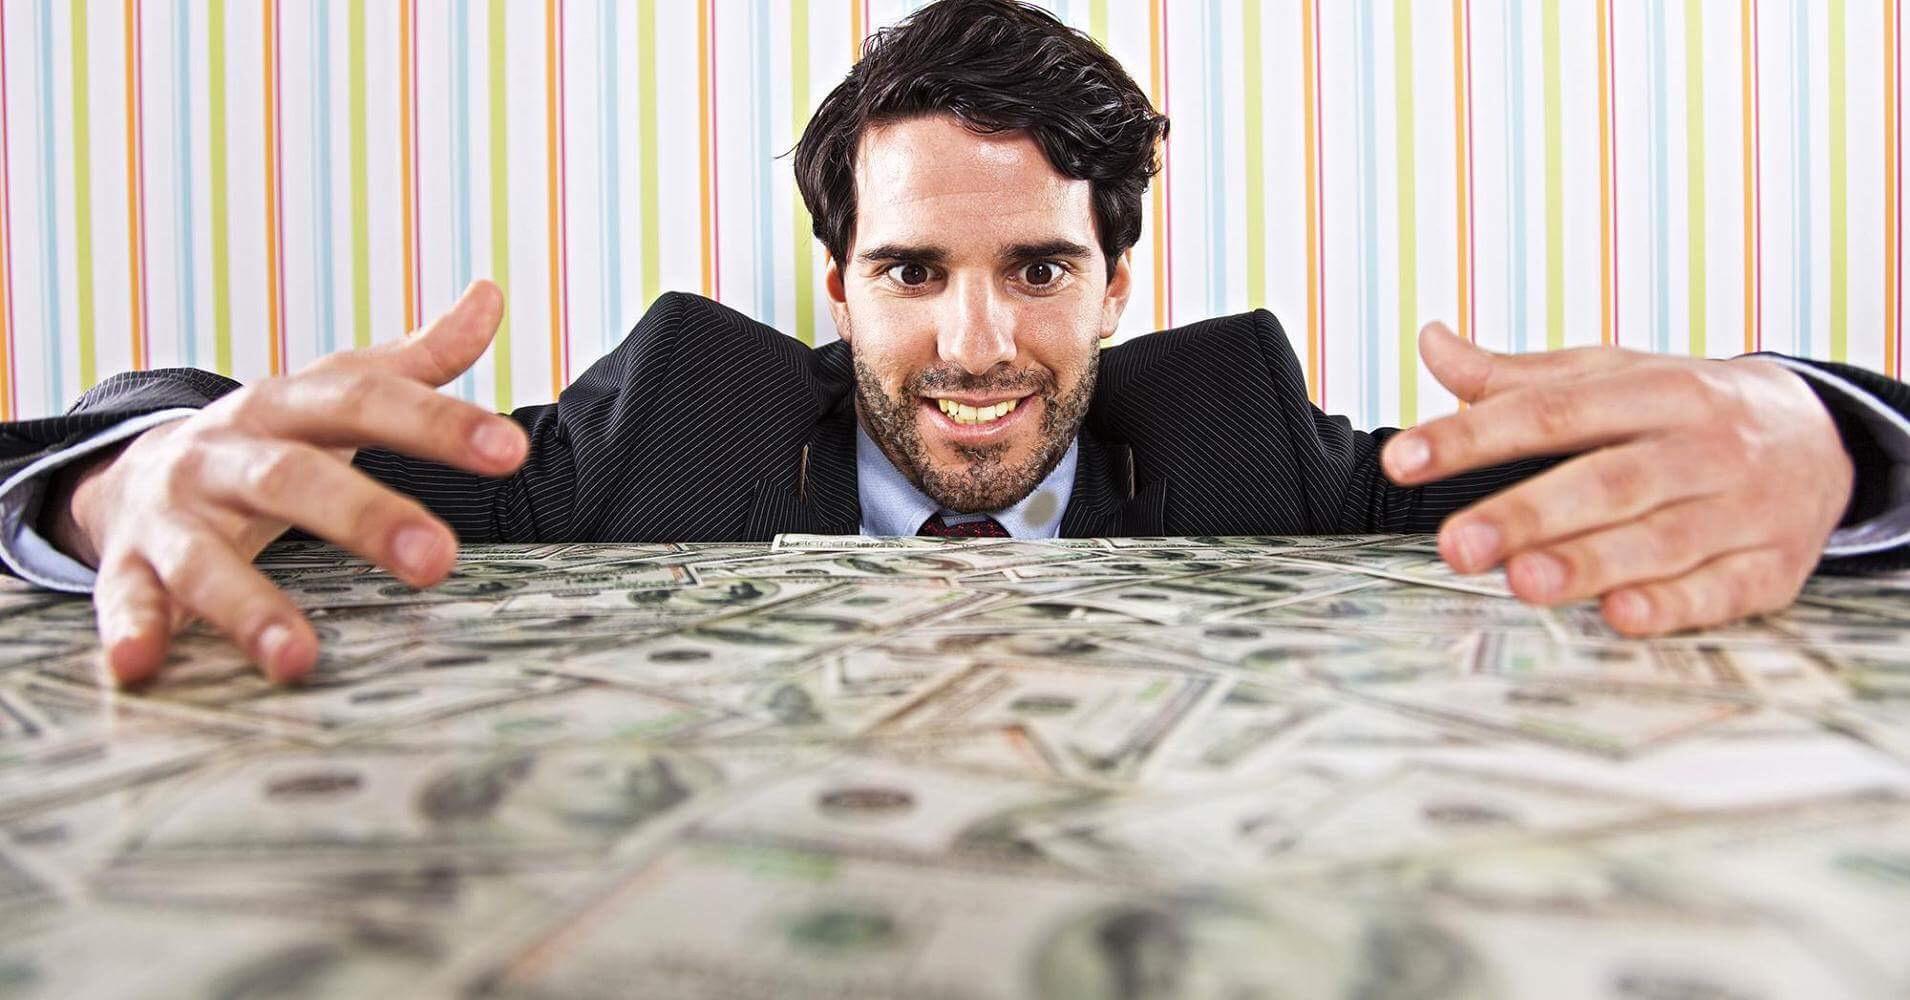 صورة خمس نصائح لتصبح مليونيراً لو أنَّها فعالة حقاً لما كنت هنا أكتب هذا المقال التافه